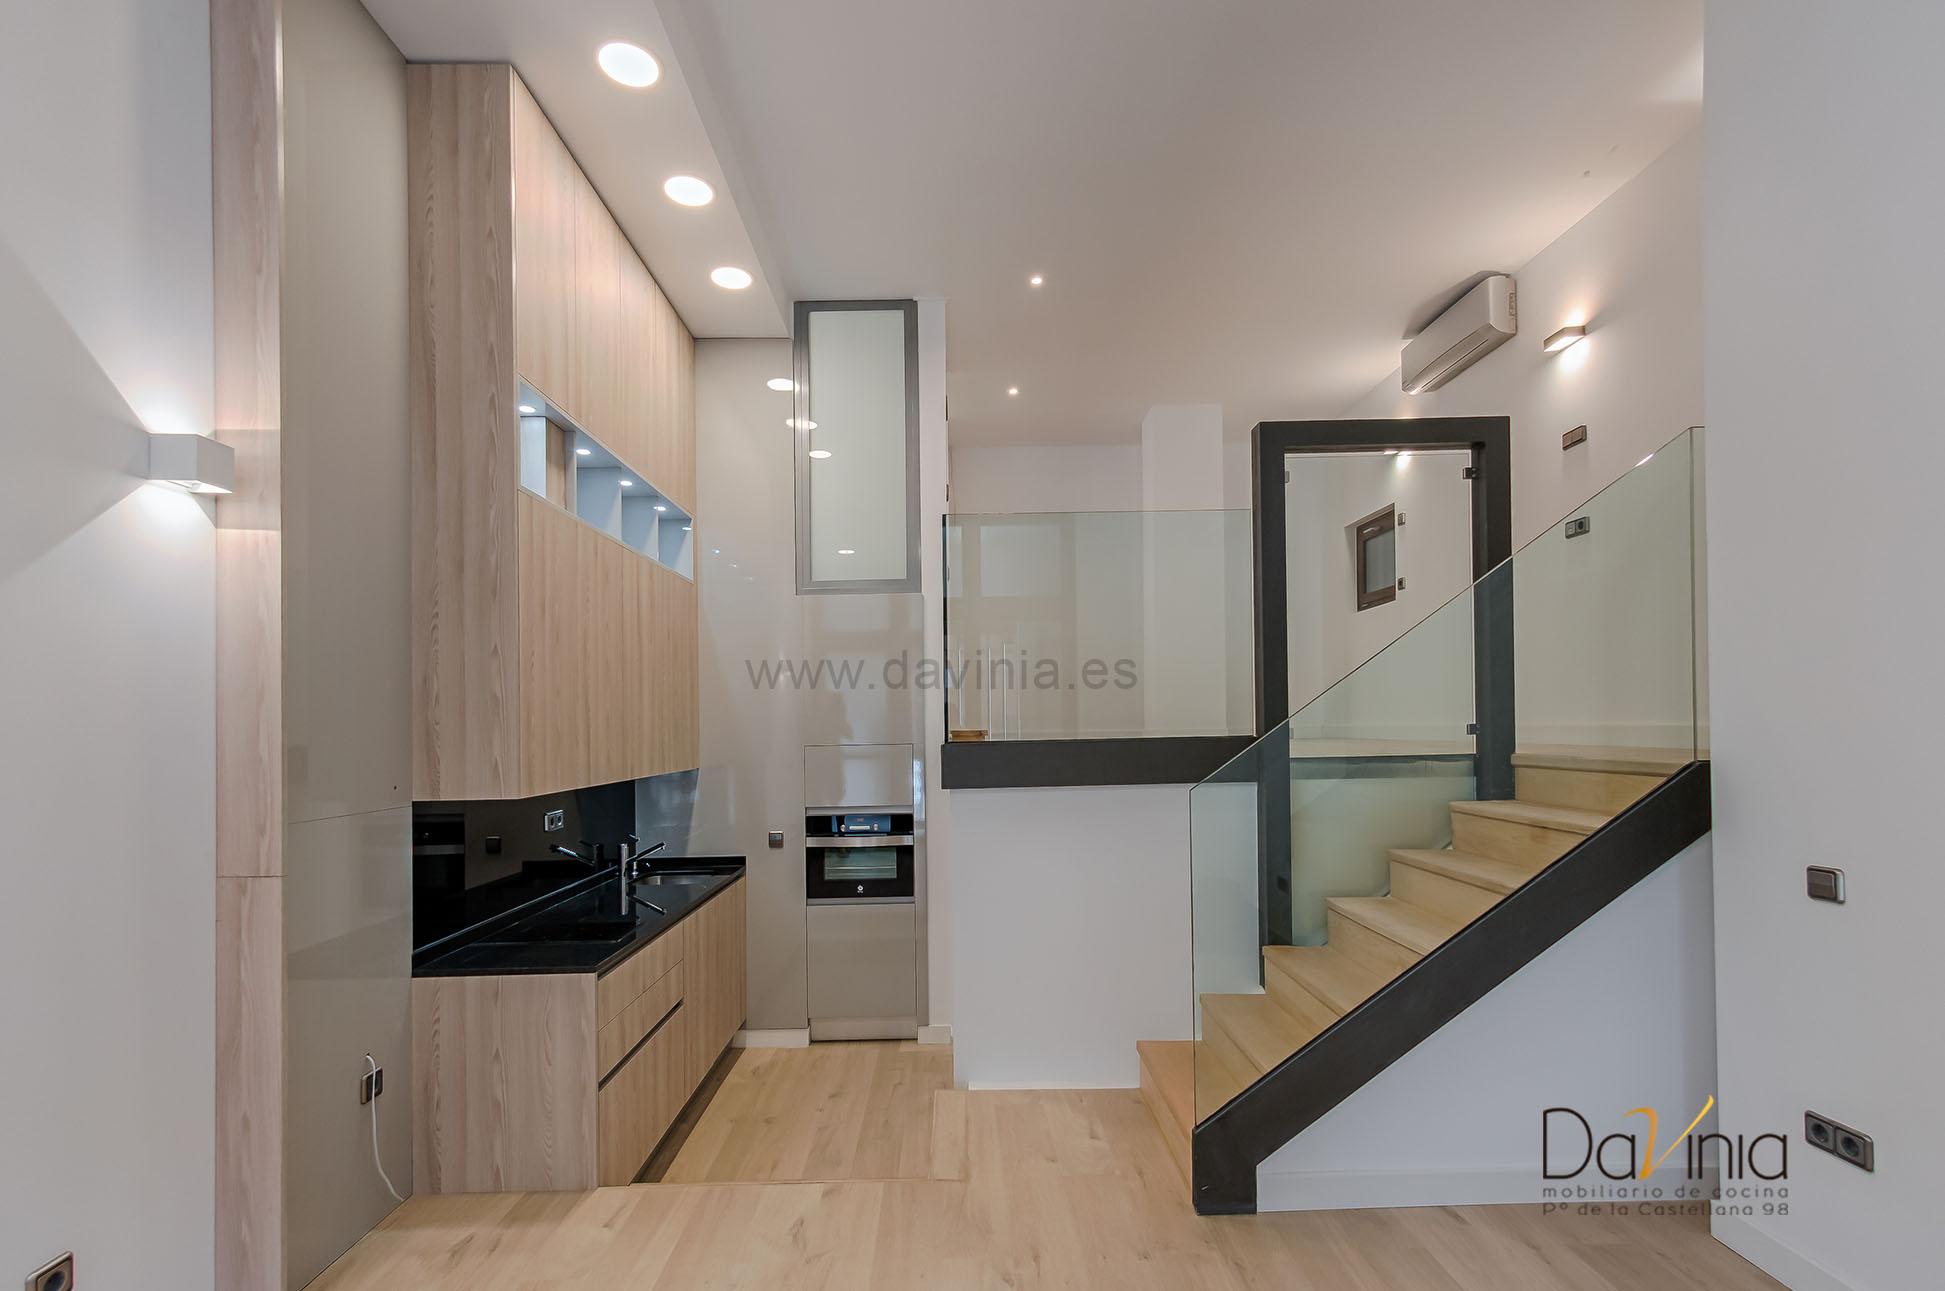 Proyecto de cocina en un tico loft de madrid davinia for Fabrica de cocinas madrid